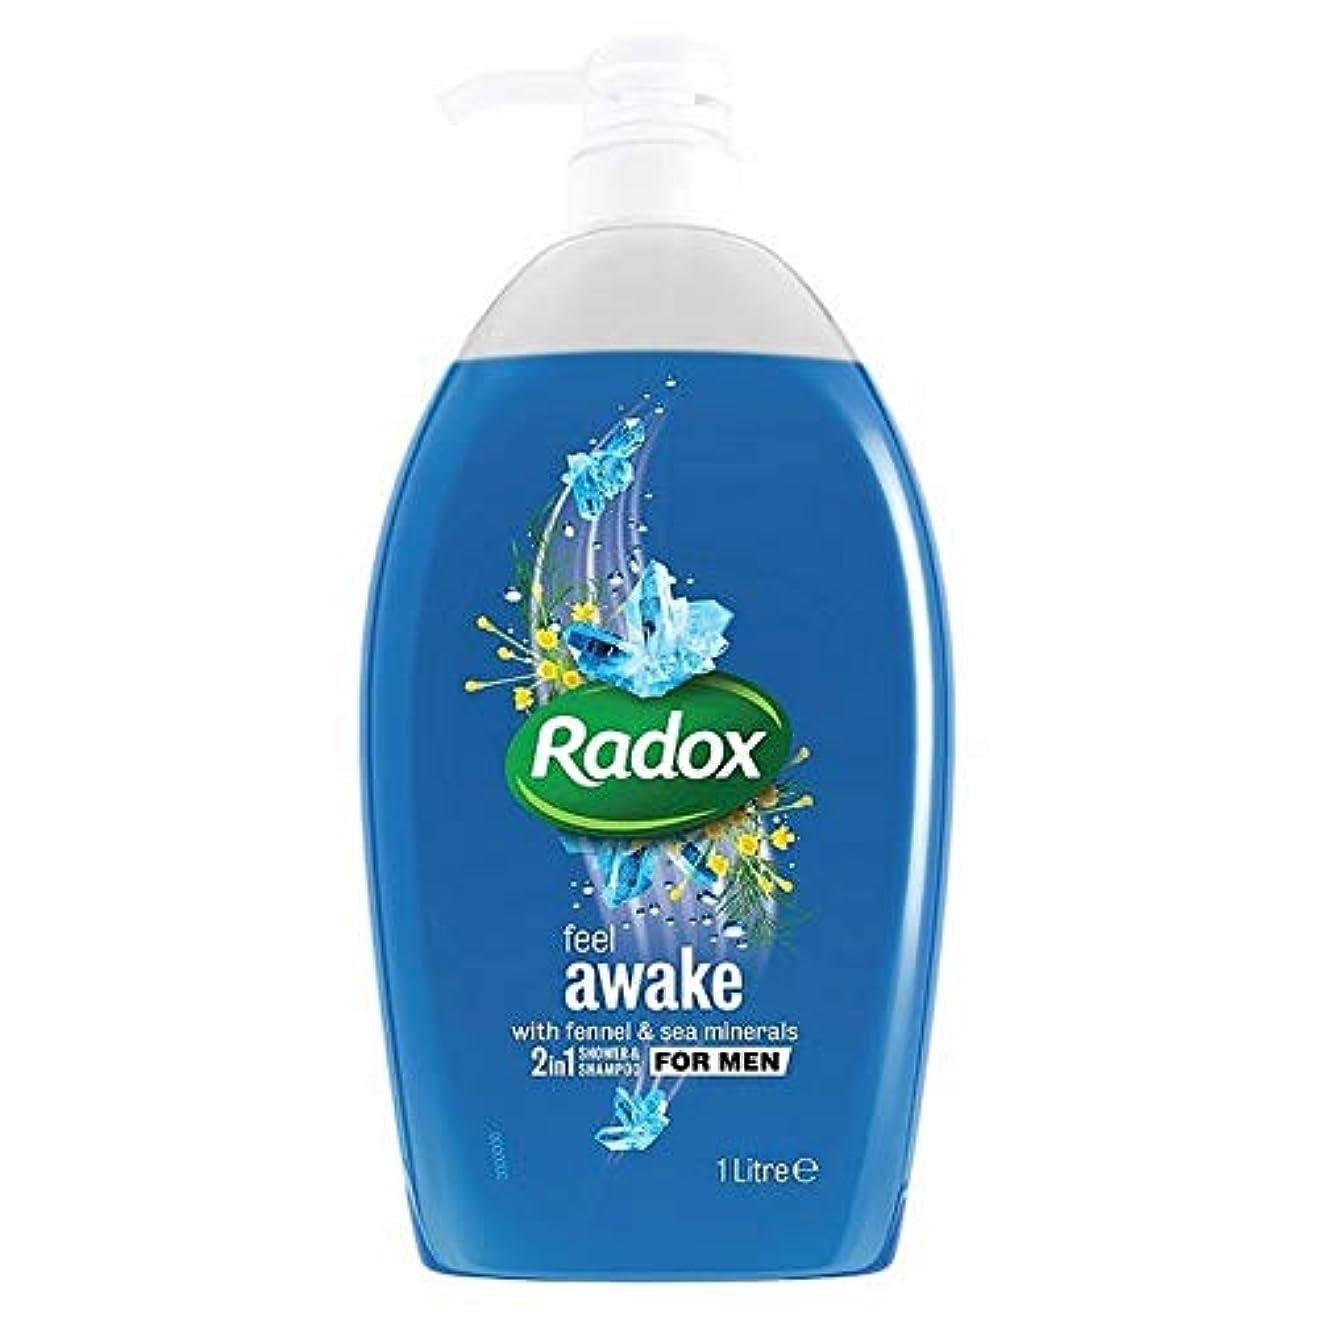 ブースリットル排気[Radox] Radoxは男性の2In1シャワーゲル1リットル用起き感じます - Radox Feel Awake for Men 2in1 Shower Gel 1L [並行輸入品]